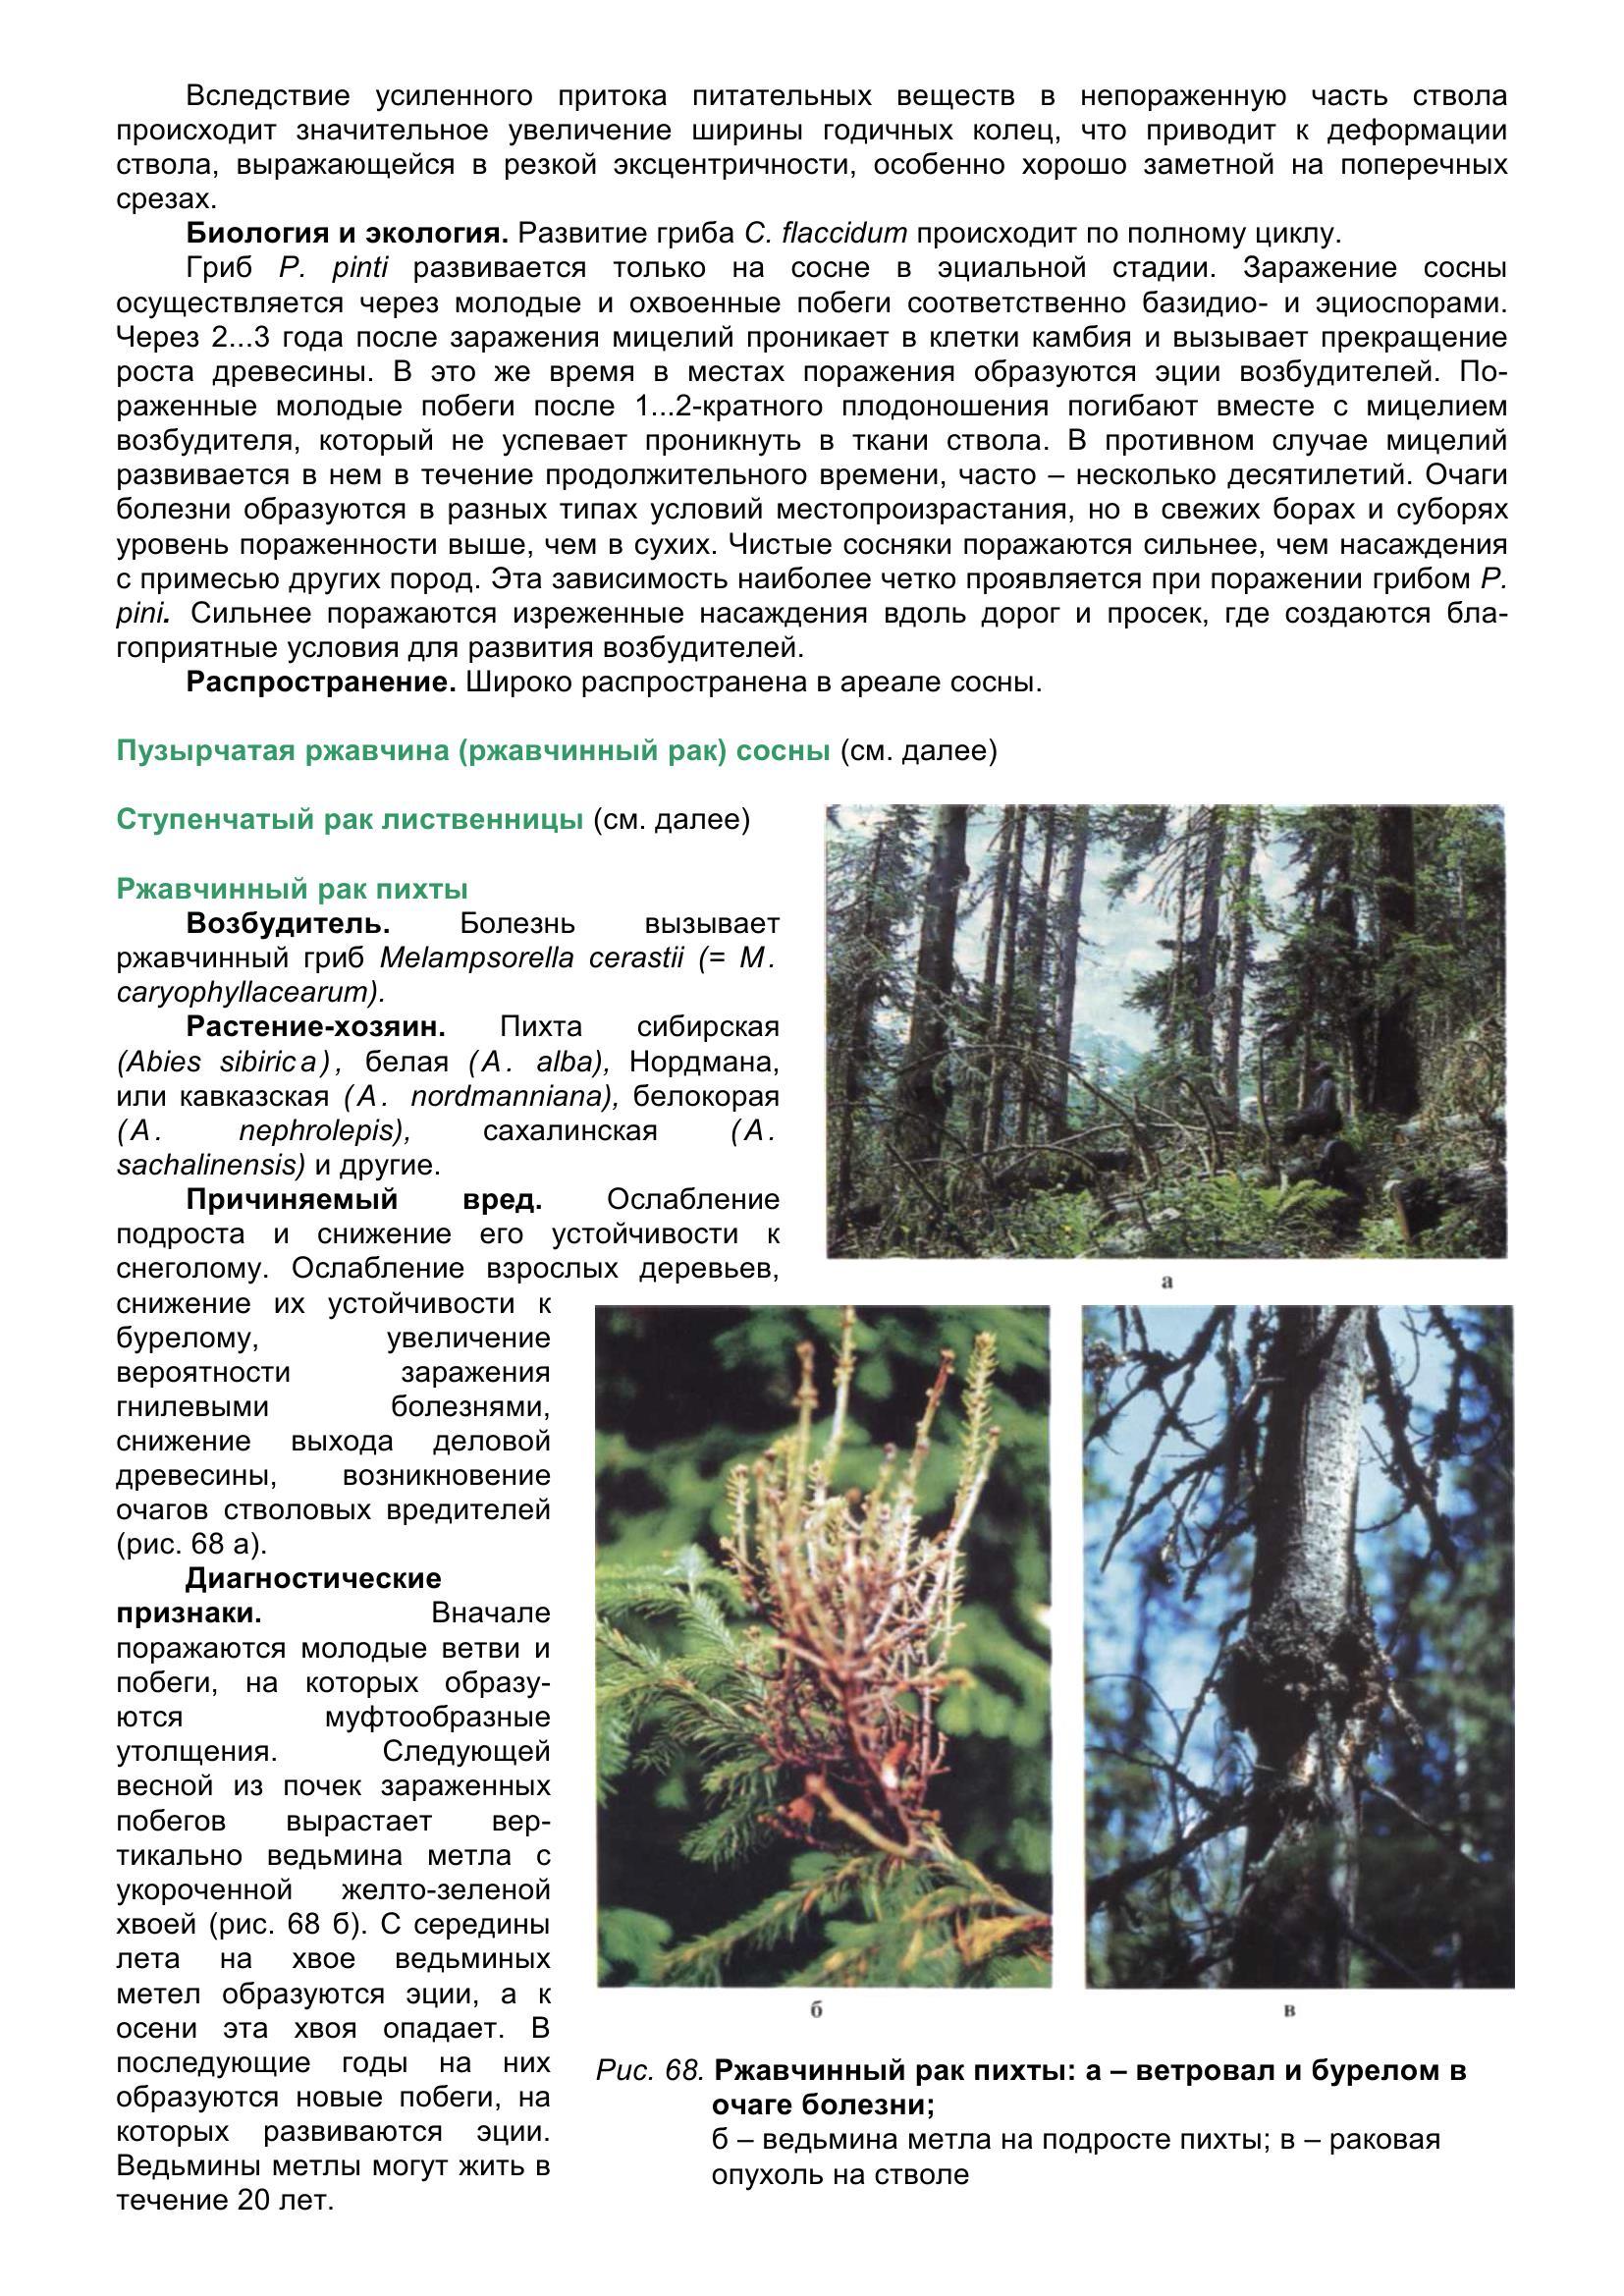 Болезни_древесных_растений_078.jpg